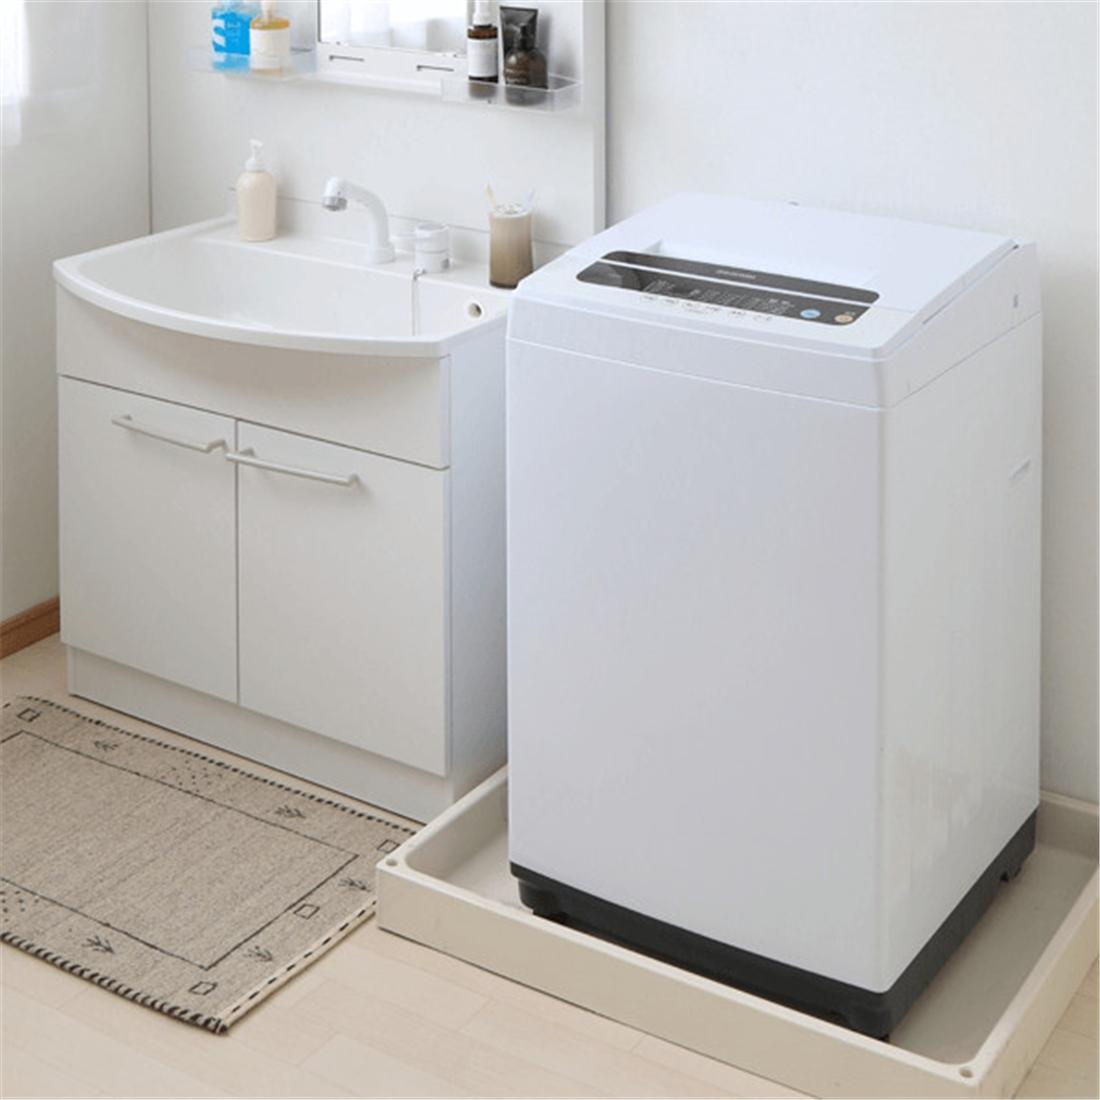 便利 えり そで 部分洗いするための専用のボードが付属 洗濯機 5.0Kg IAW-T501